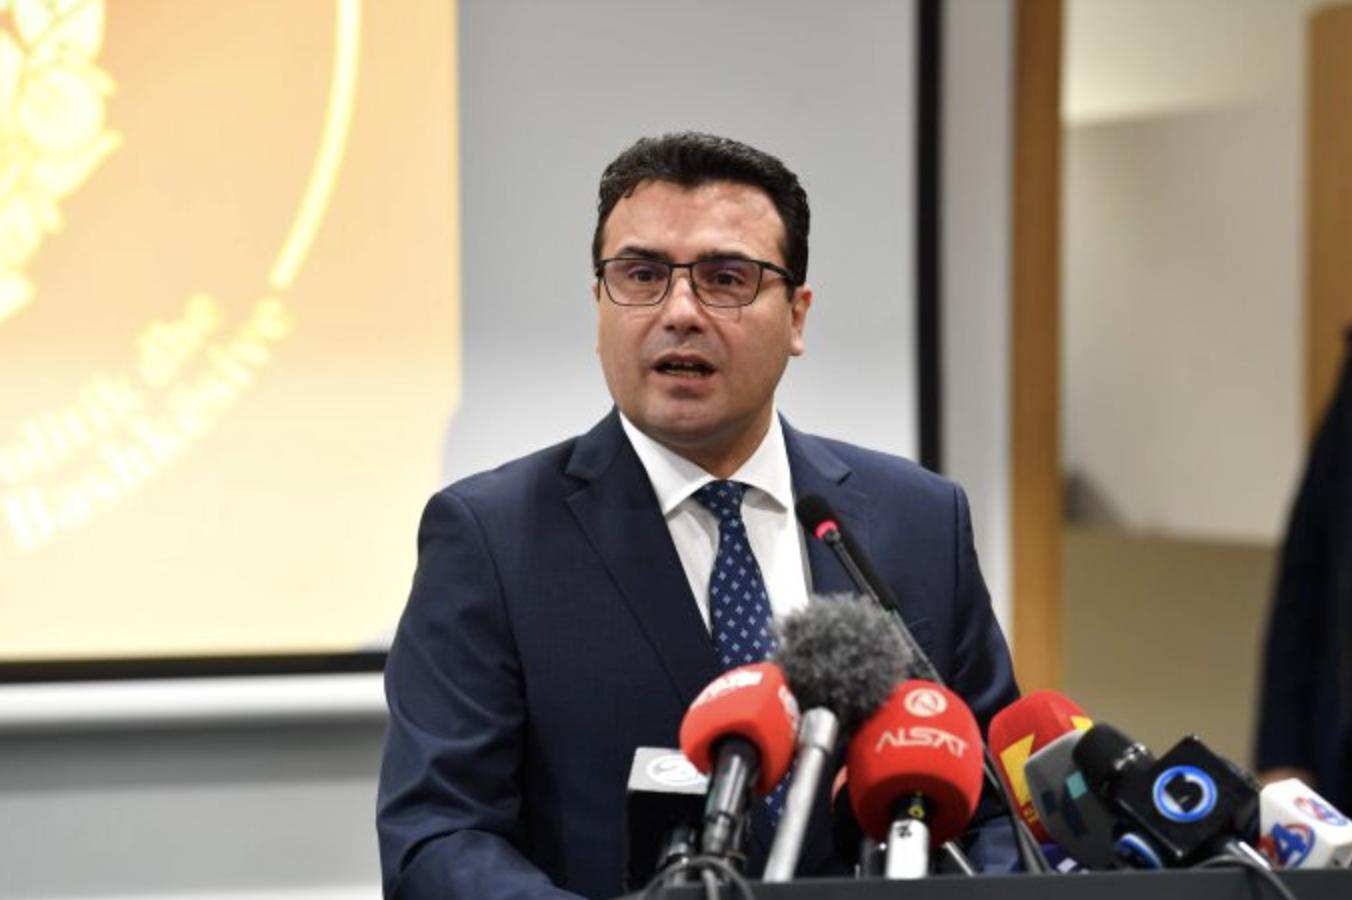 Βόρεια Μακεδονία: Παρουσιάστηκε το σχέδιο «Ευρωπαϊκή Ατζέντα στο Εσωτερικό»